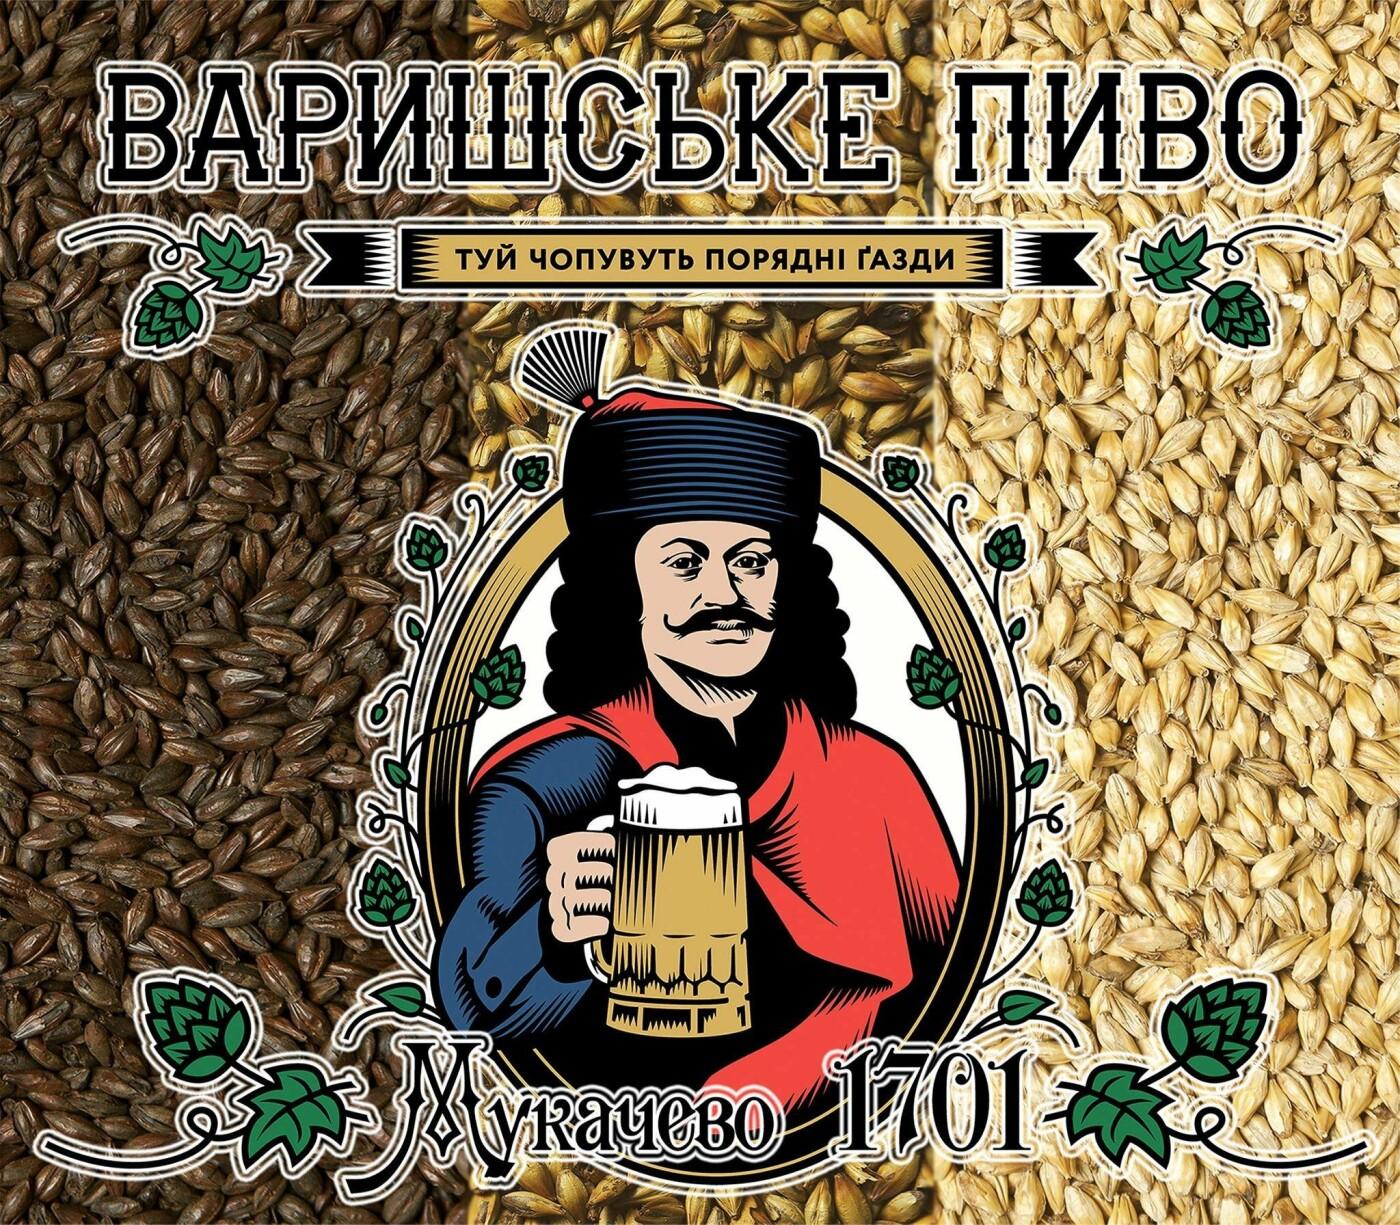 В Мукачеві відбудеться ІV пивний фестиваль (АФІША), фото-1